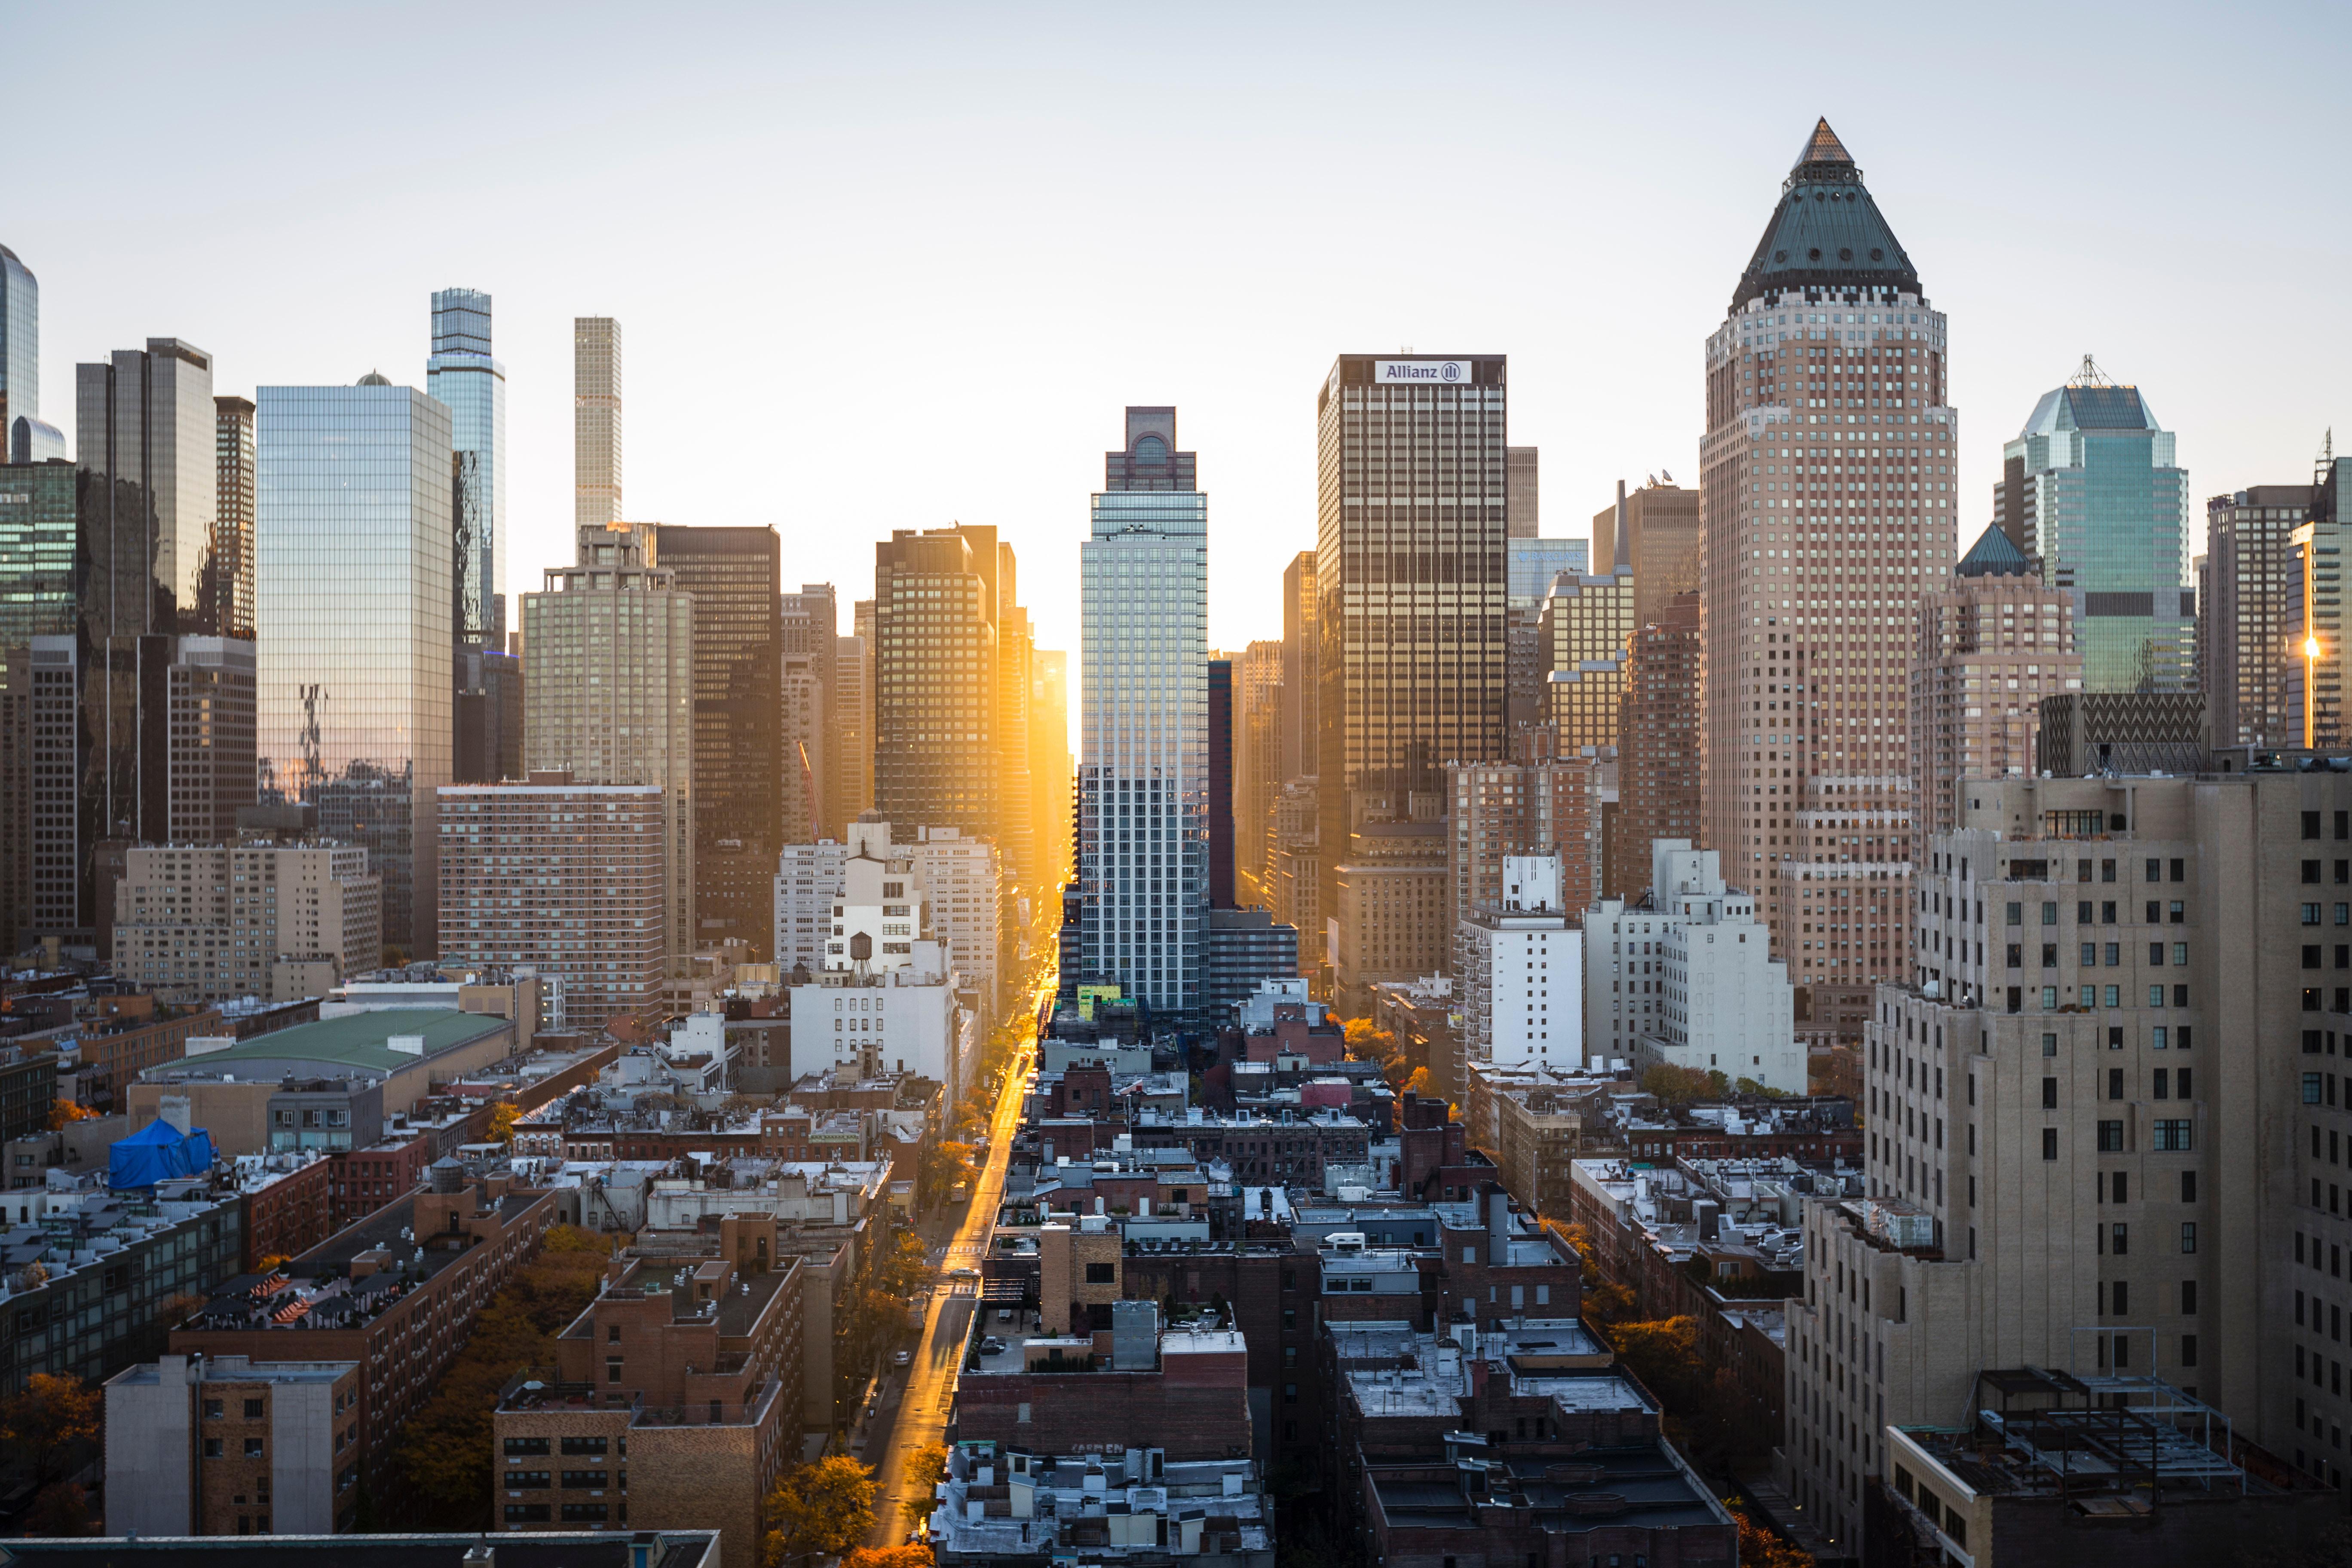 美国购房指南系列|细数美国购房必须知道的详细成本